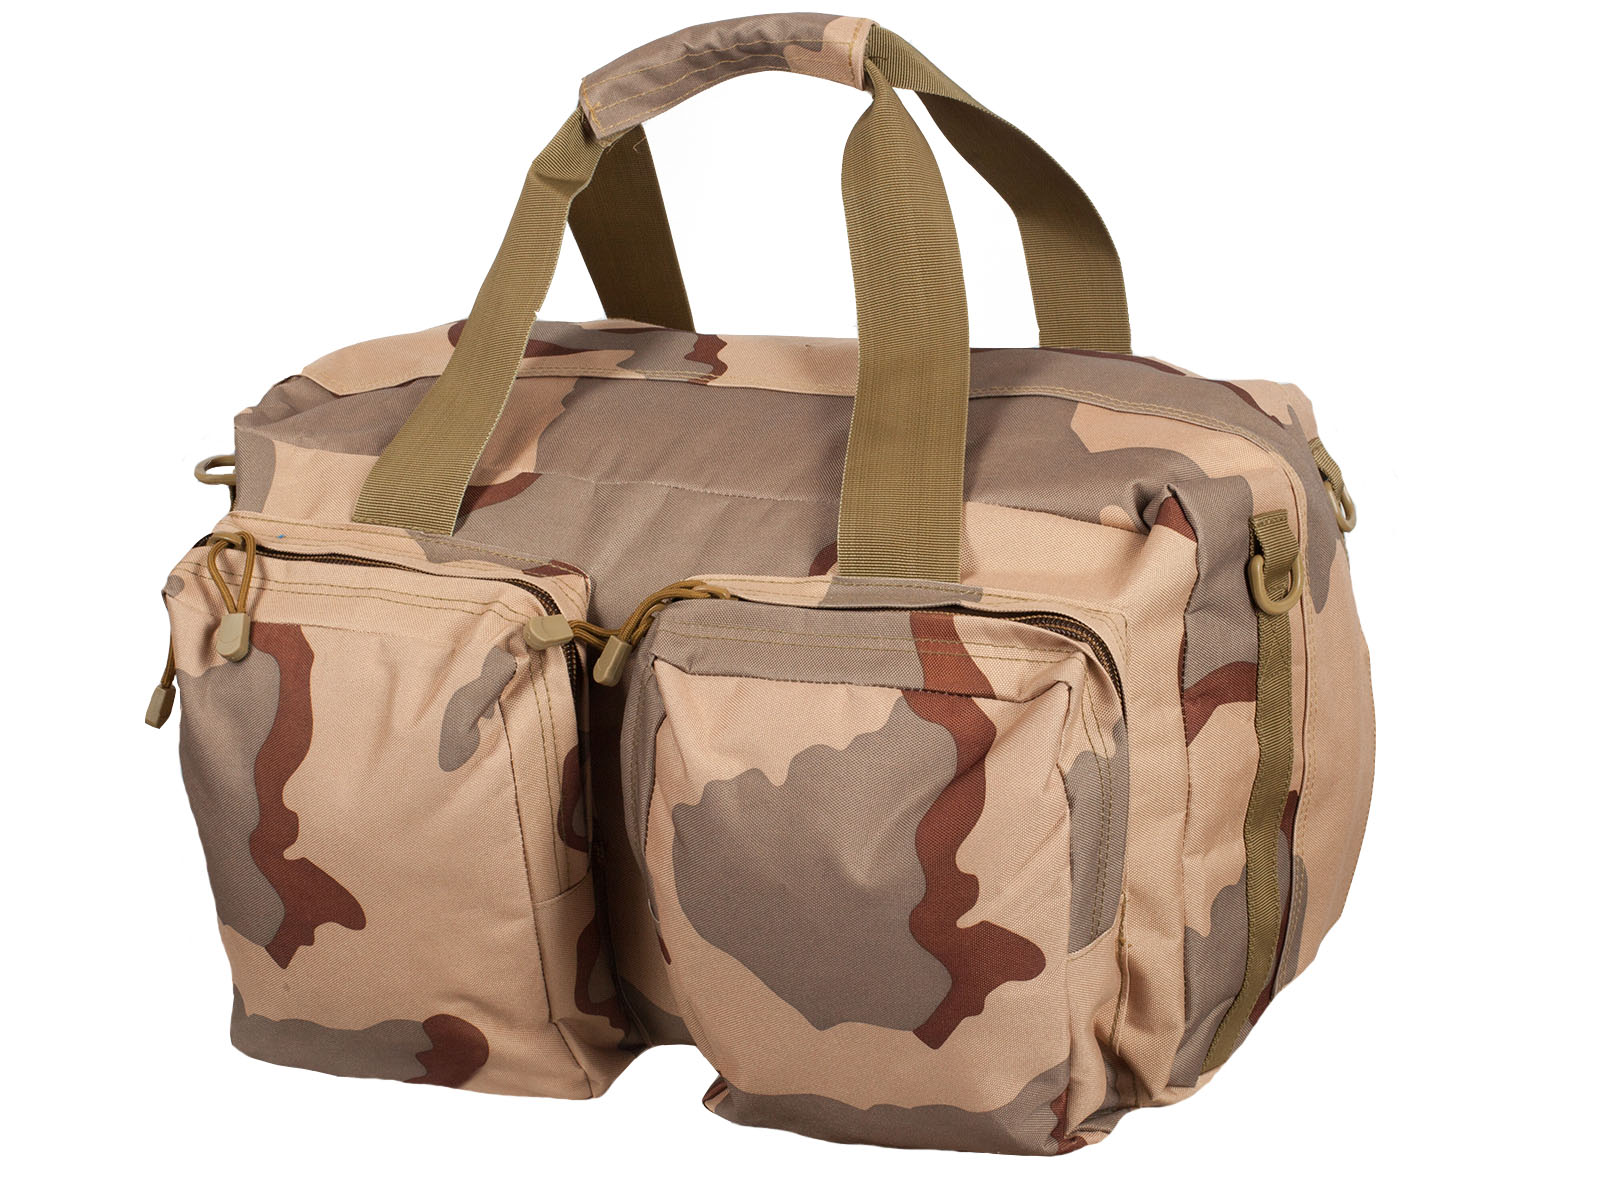 Дорожная камуфляжная сумка Ни пуха, Ни пера - заказать с доставкой